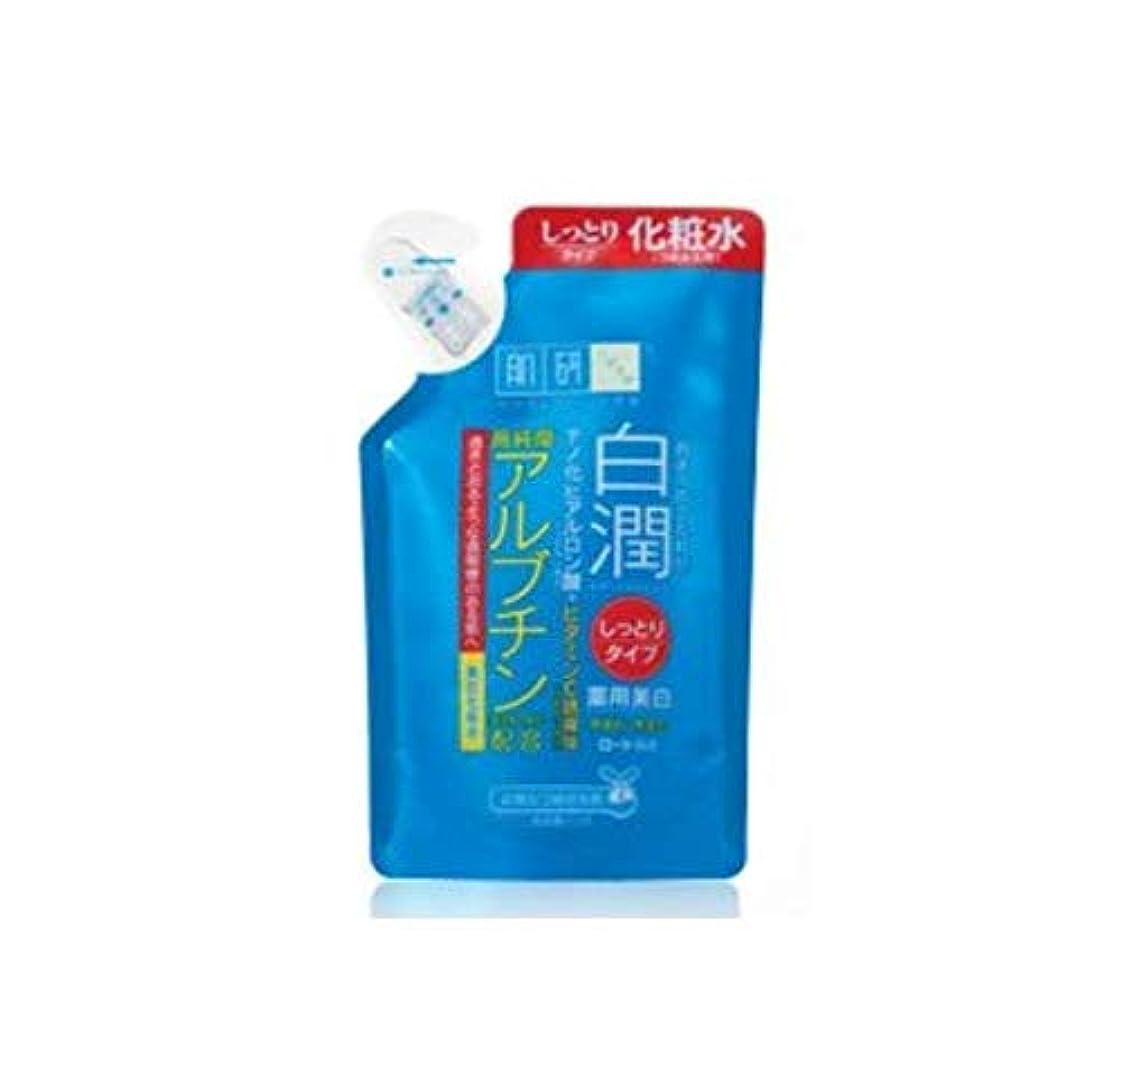 メタリック偽造メッセンジャー肌ラボ 白潤 薬用美白化粧水 しっとりタイプ つめかえ用 170mL